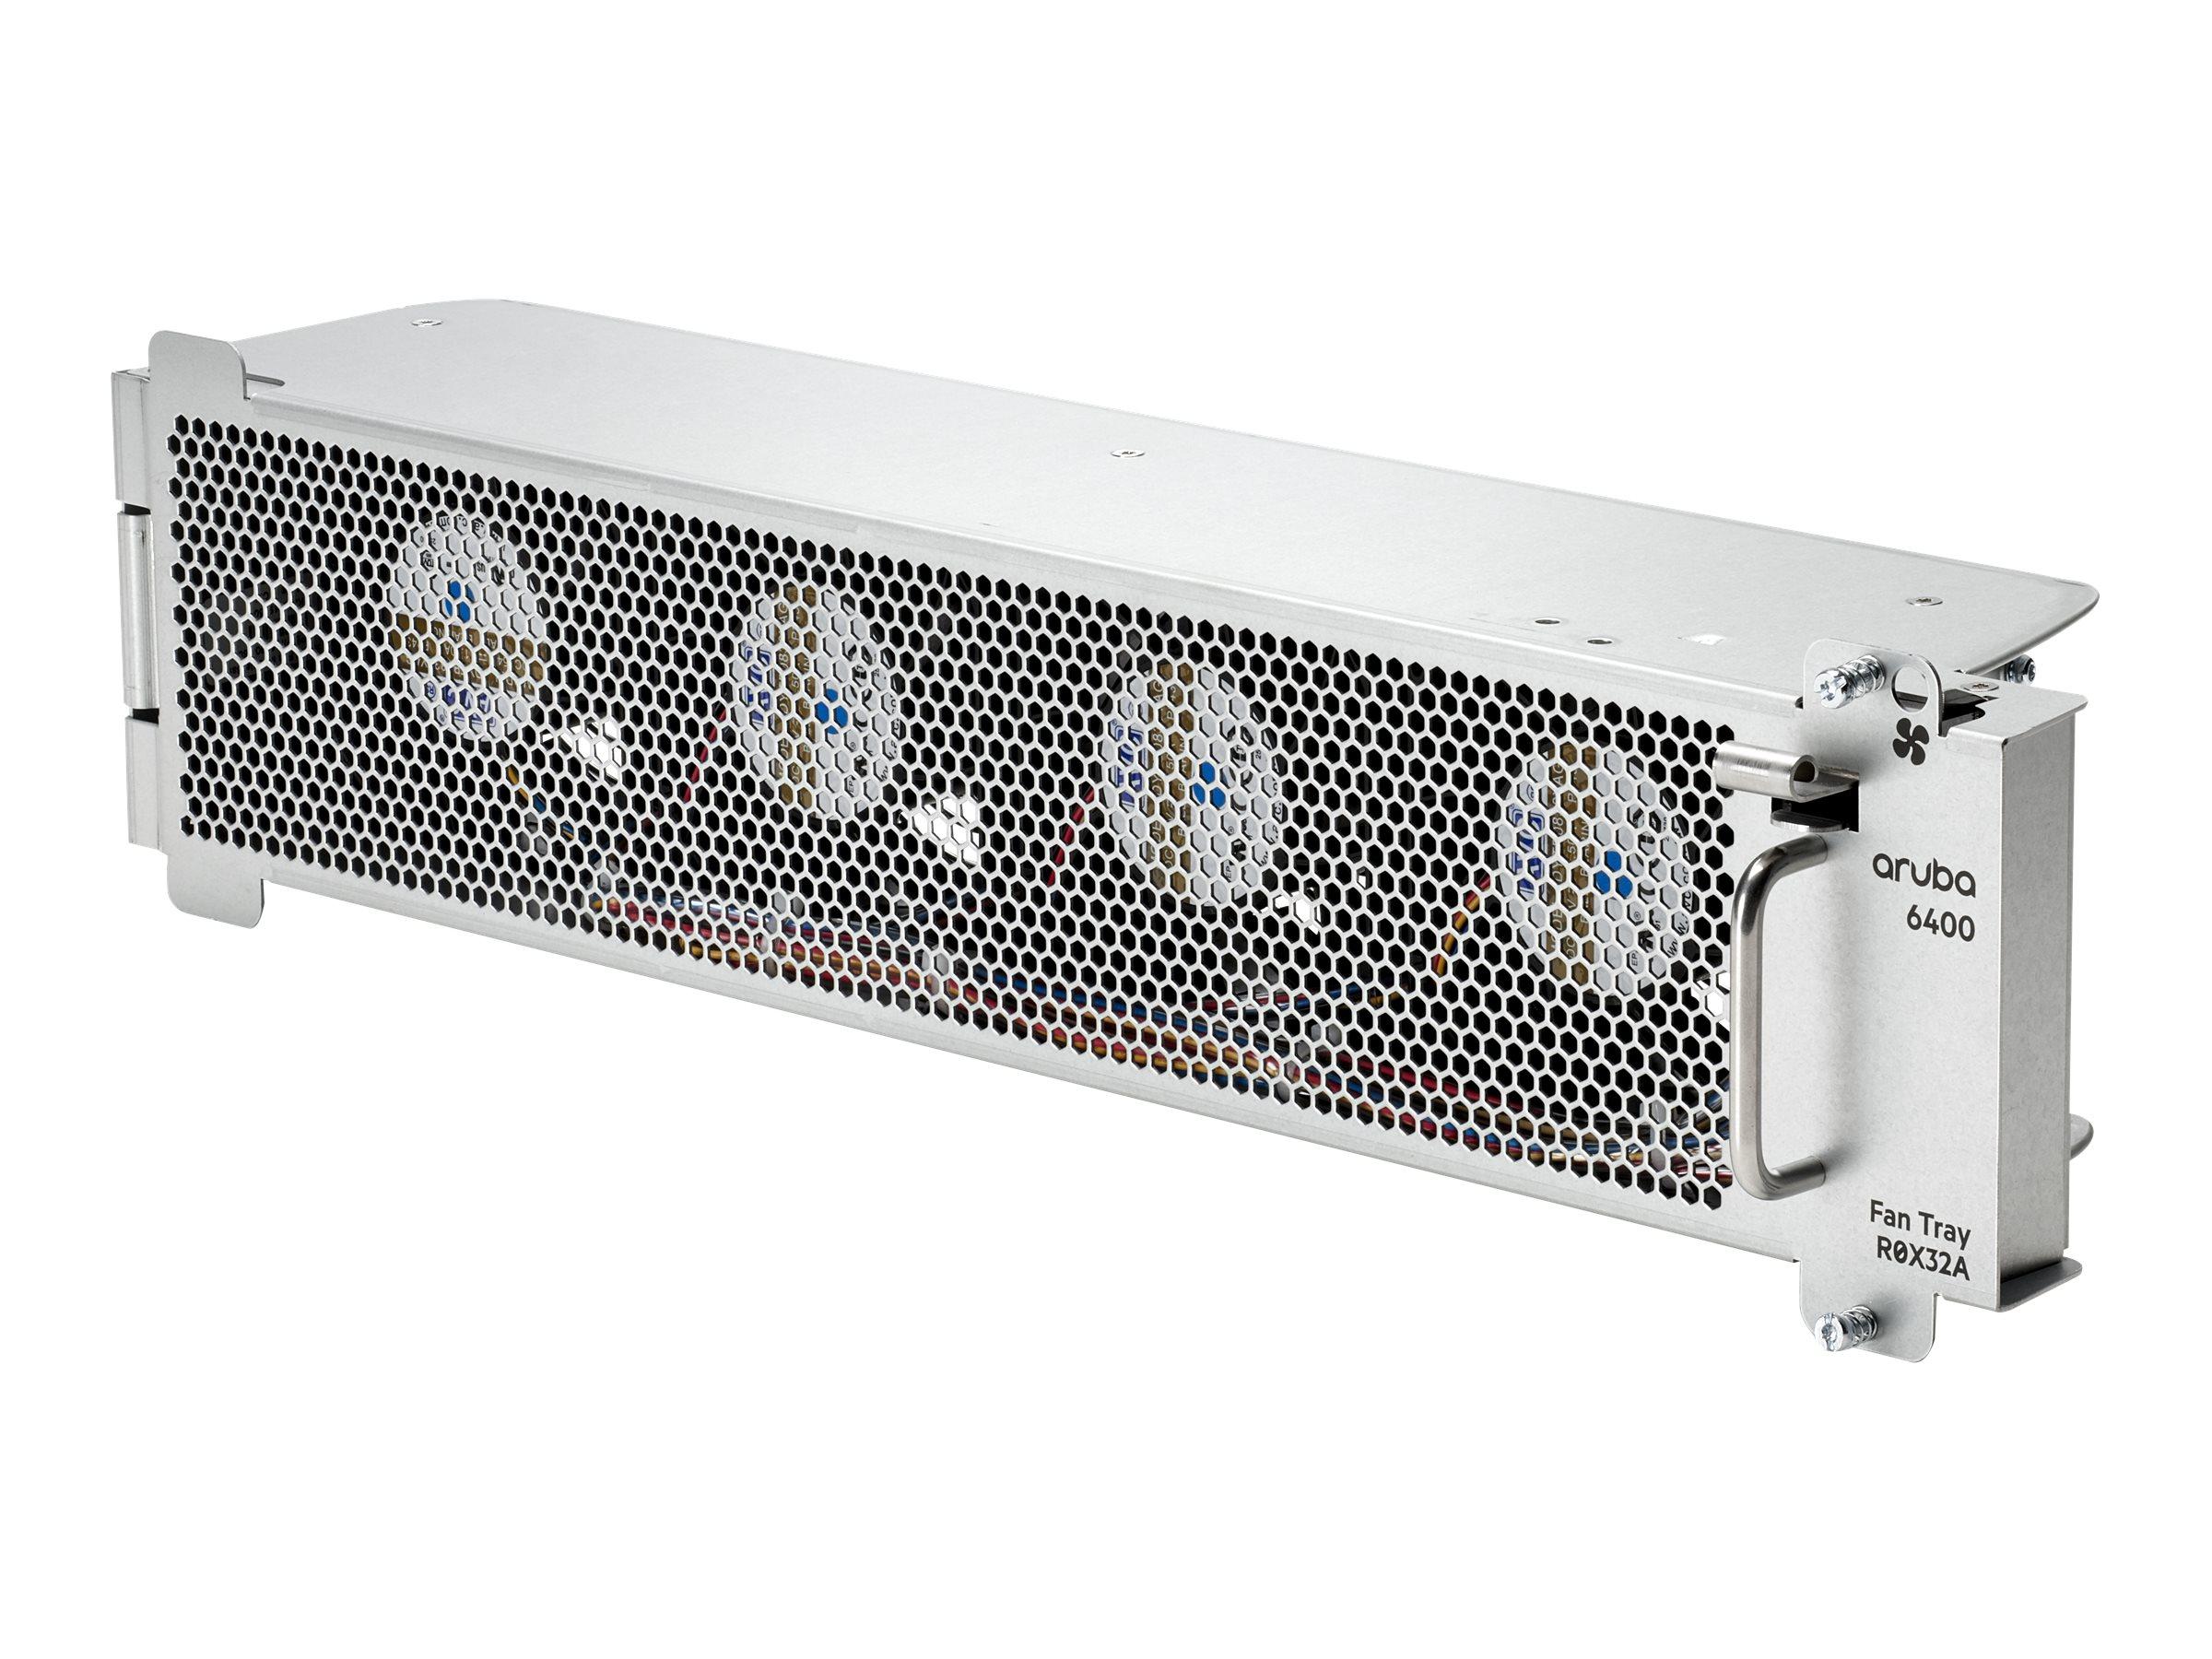 HPE Aruba network device fan tray